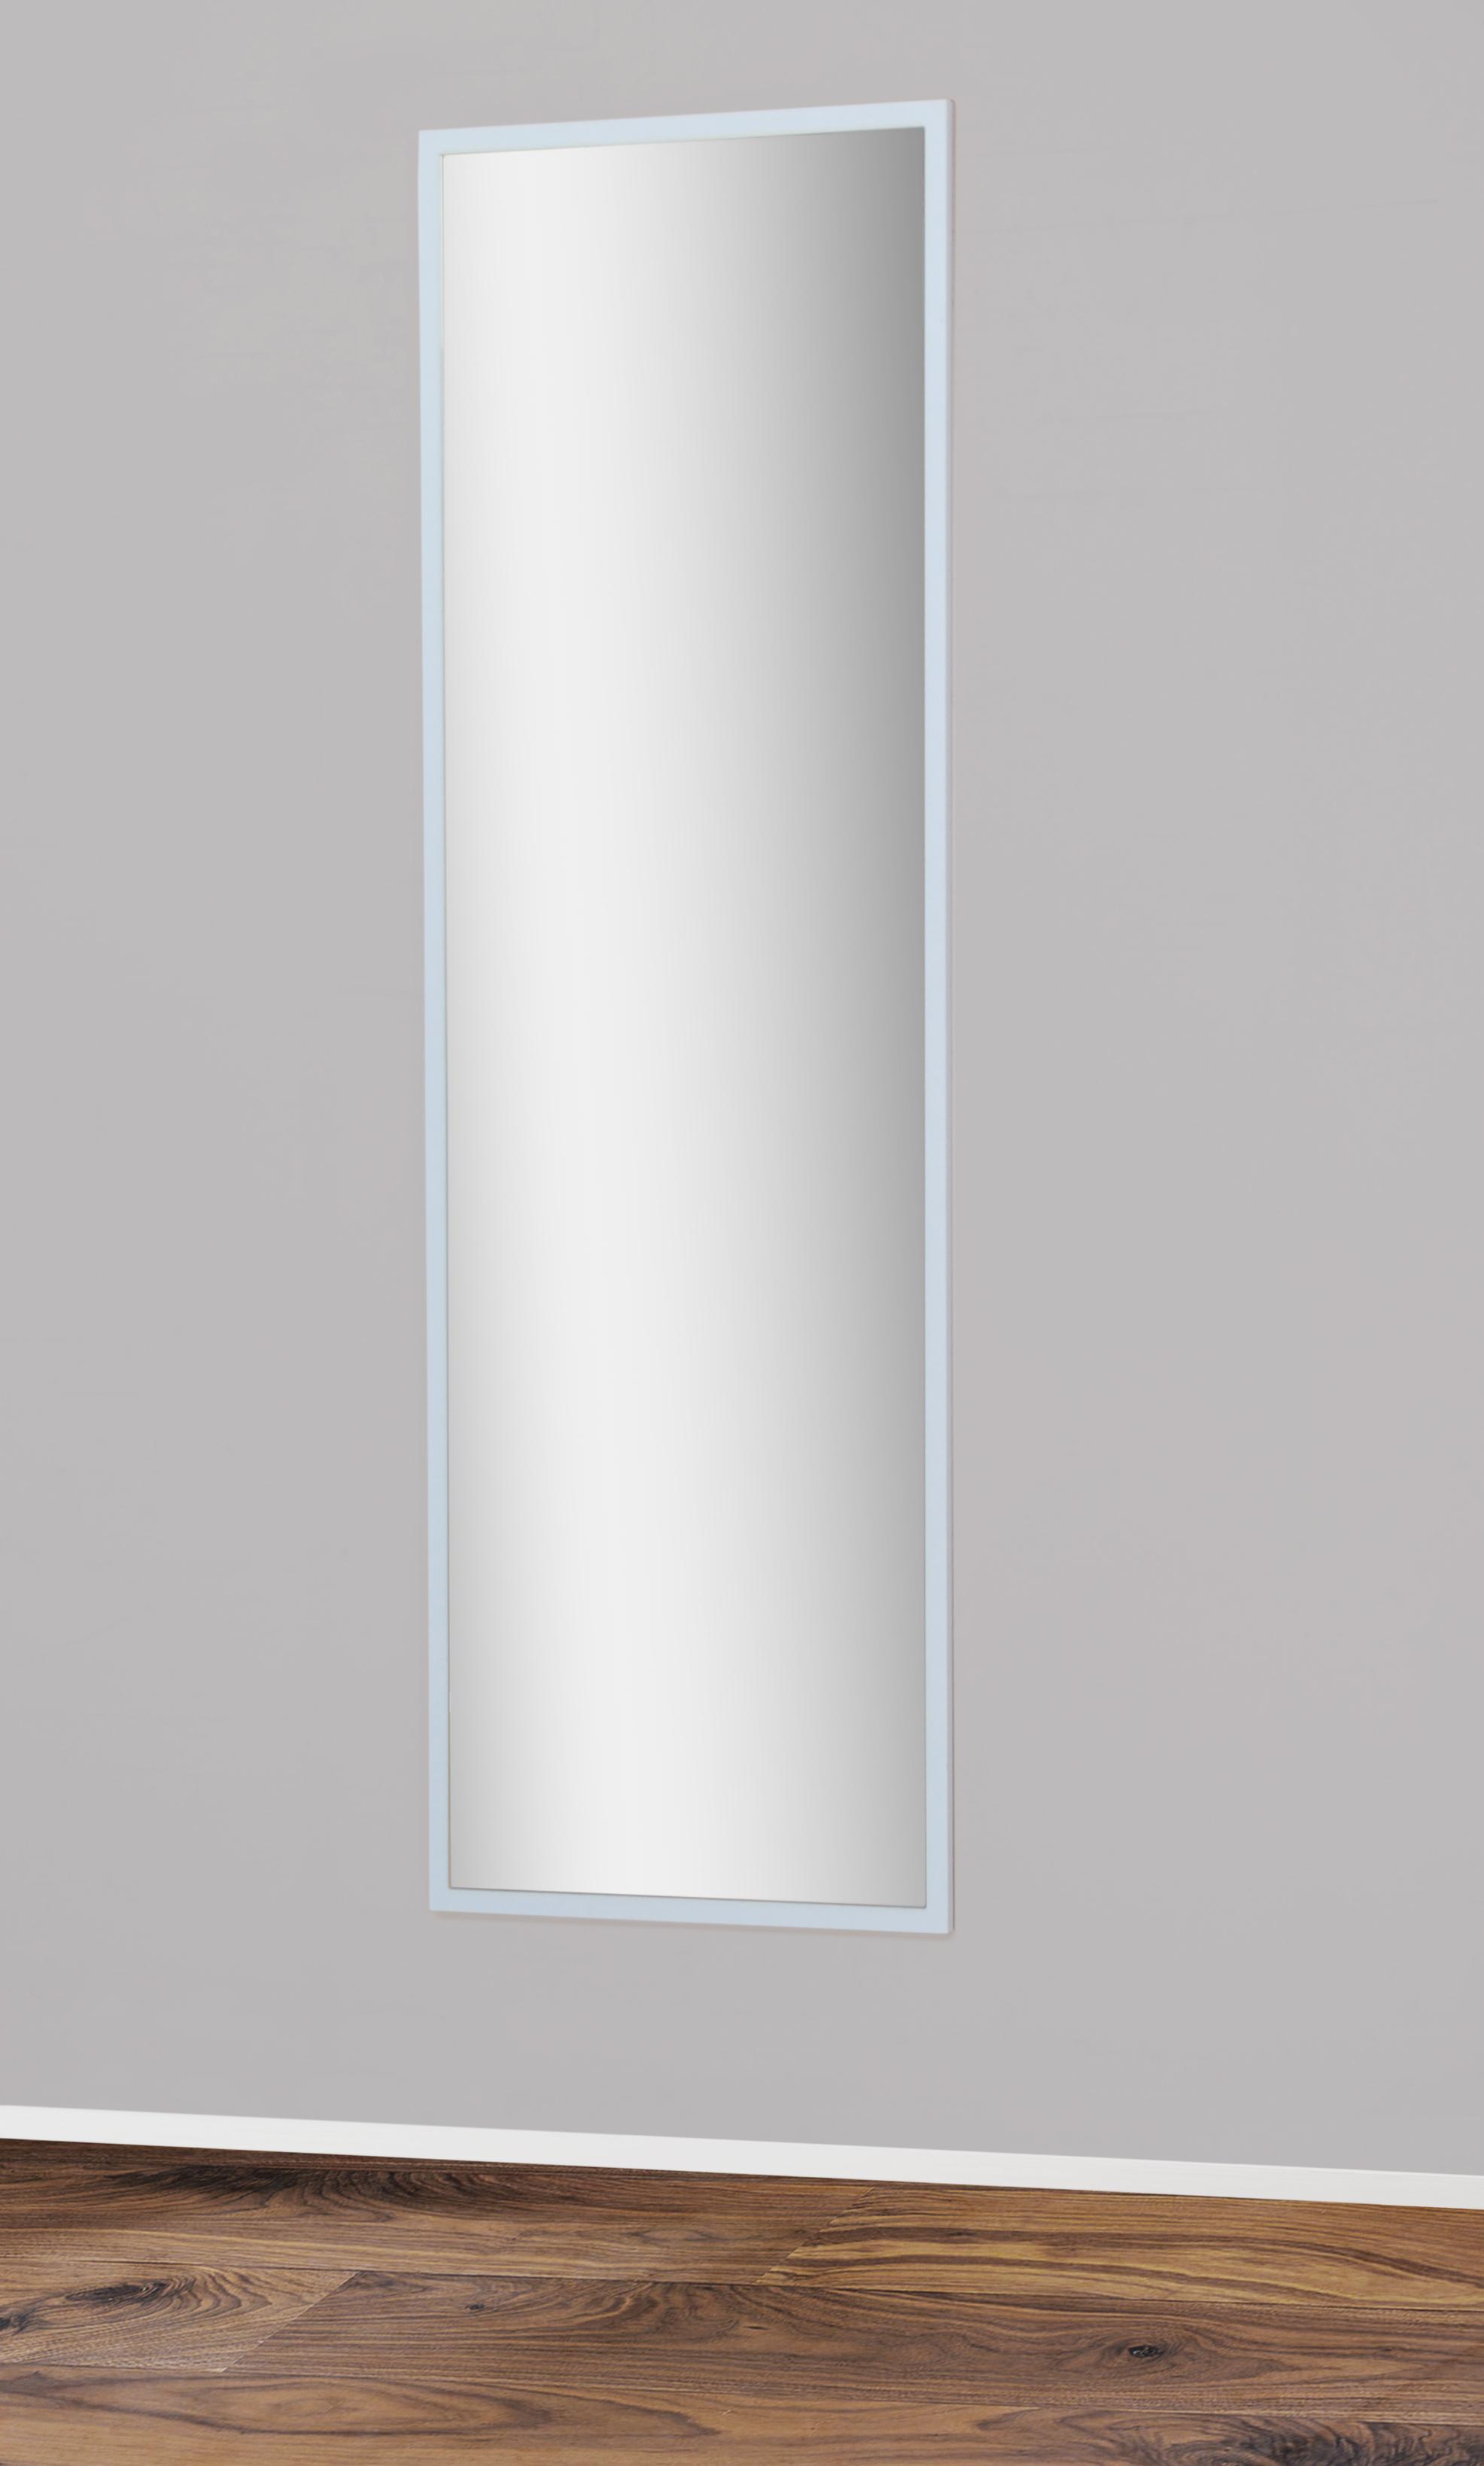 Wandspiegel Der Spiegel ~ 51361  Spiegel 175x55cm  Rückwand weiß  MöbelSofortkaufde